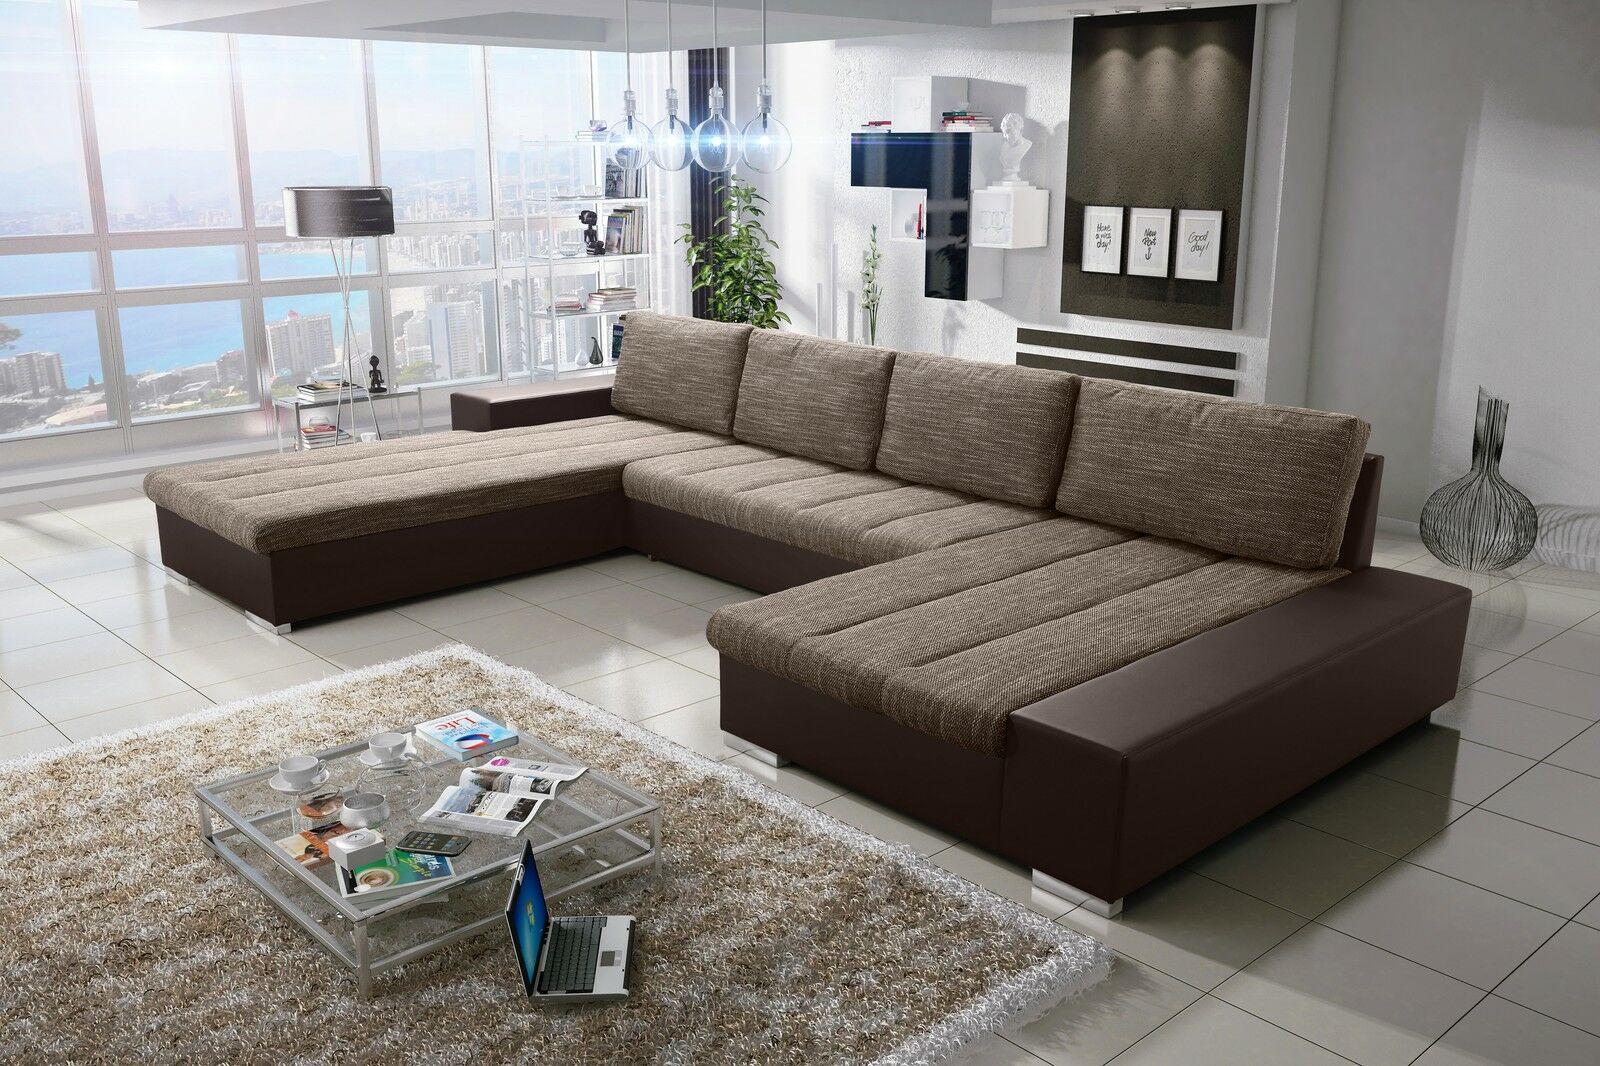 Verona 8 U Sofa Couchgarnitur Couch Sofagarnitur U Wohnlandschaft